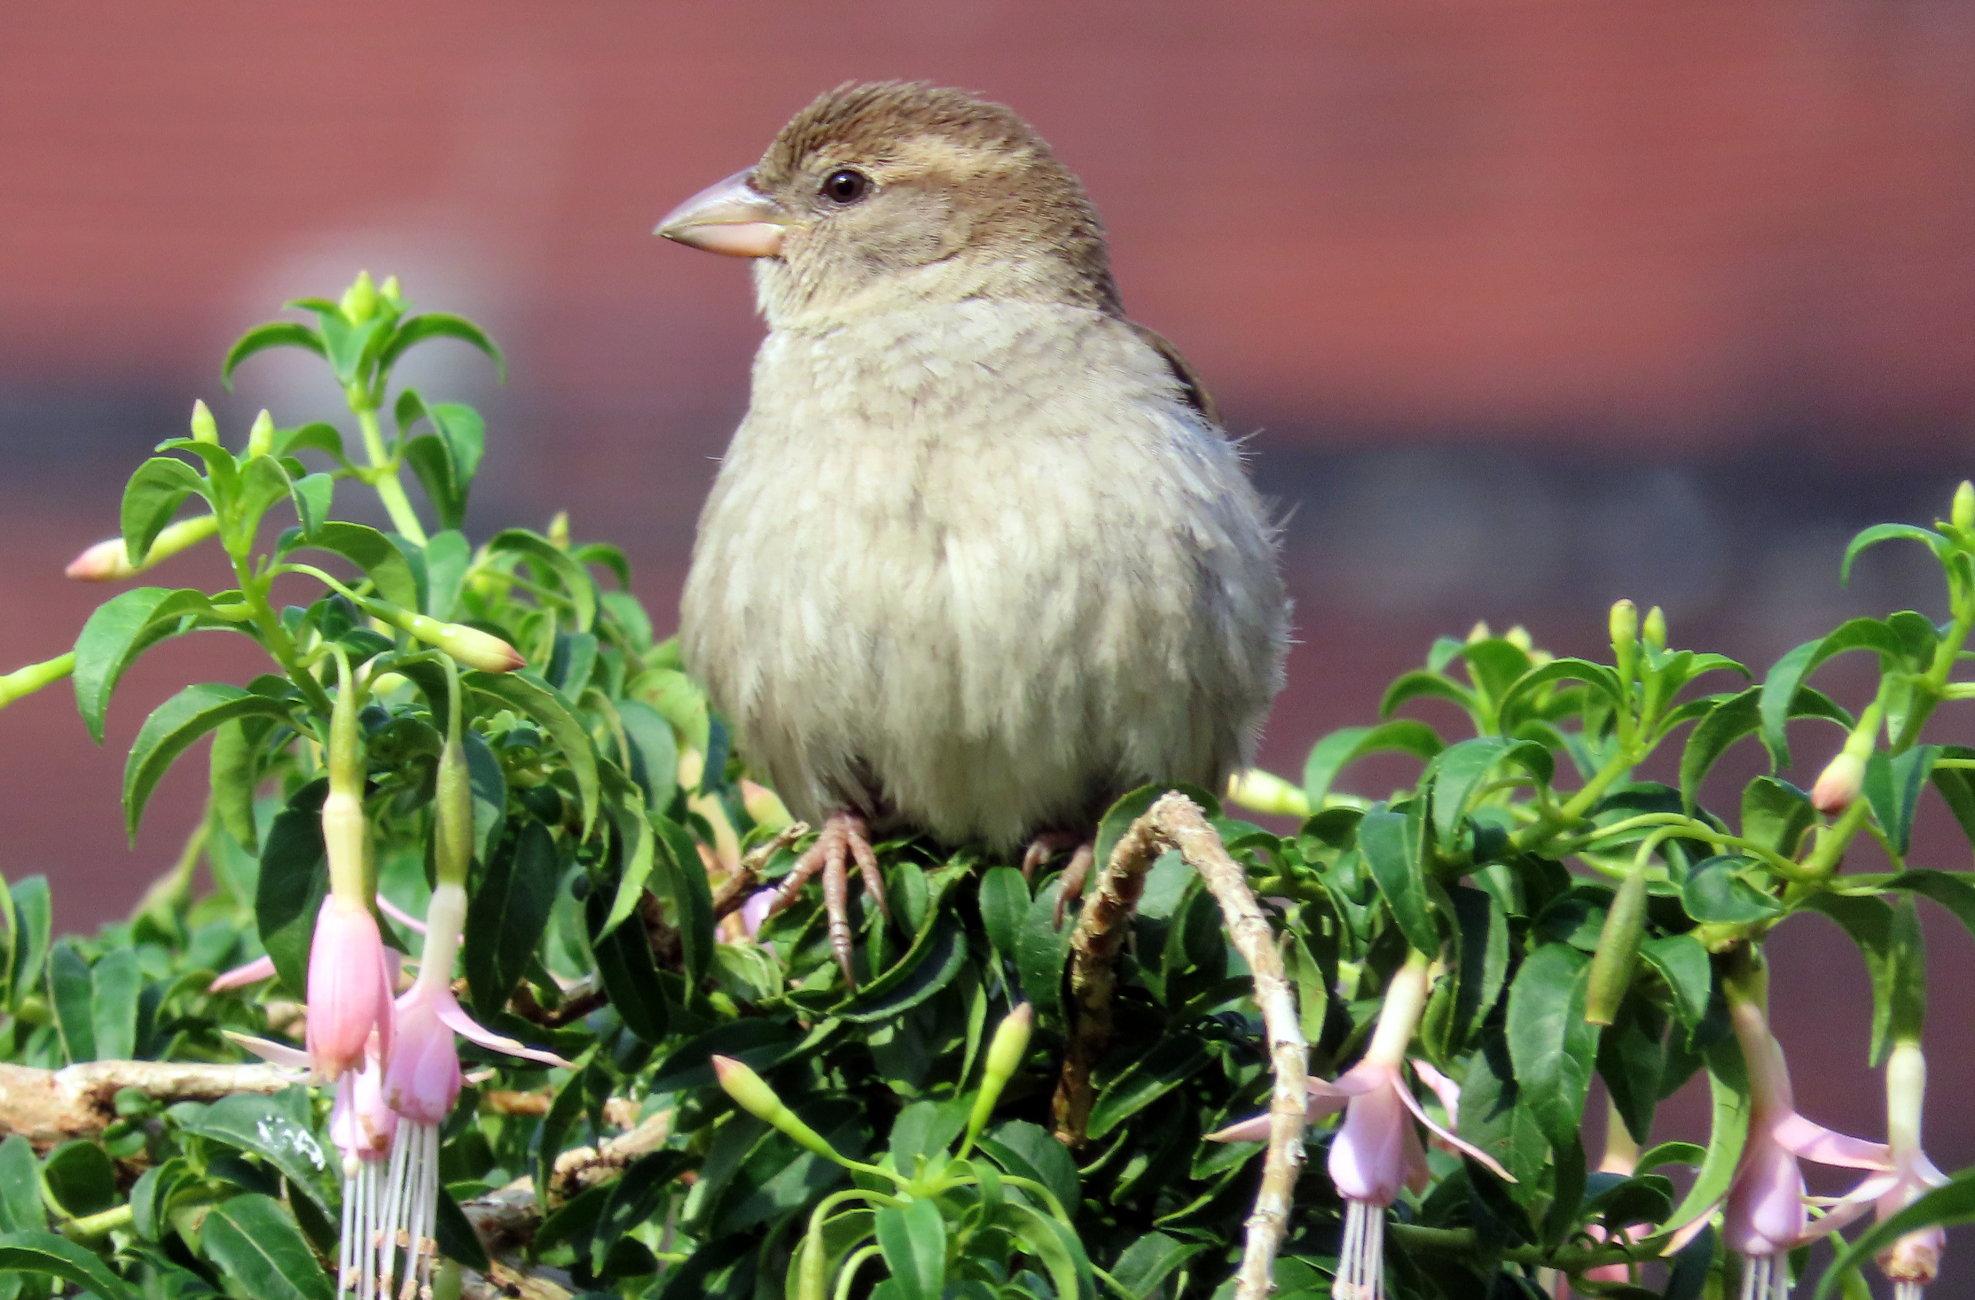 Mrs Sparrow